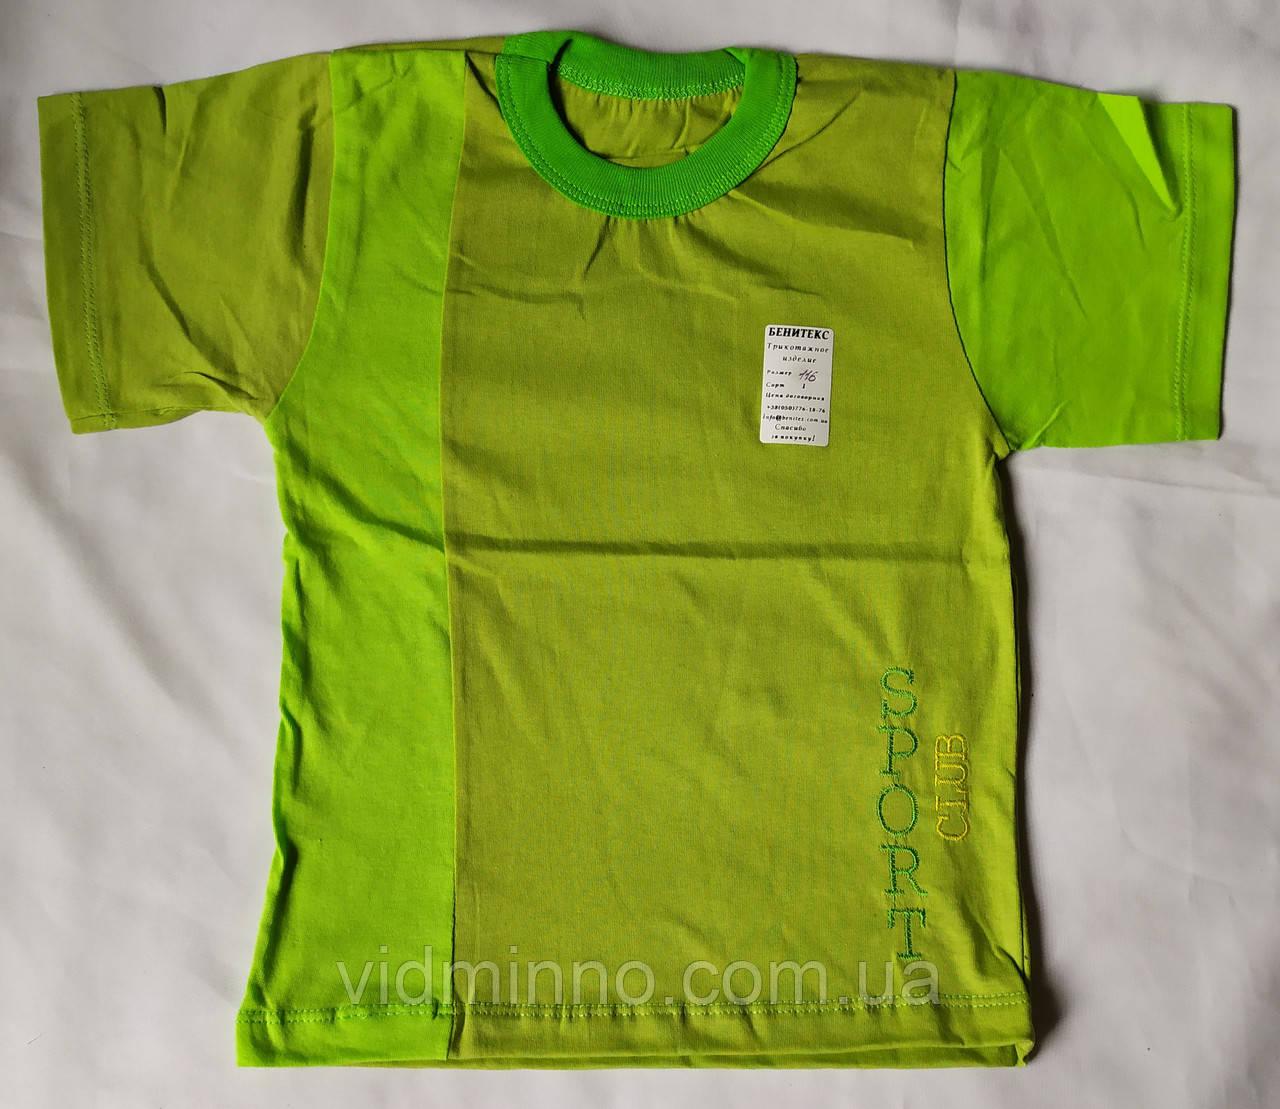 Комбинированная футболка с вышивкой на рост 110-116 см - Кулир